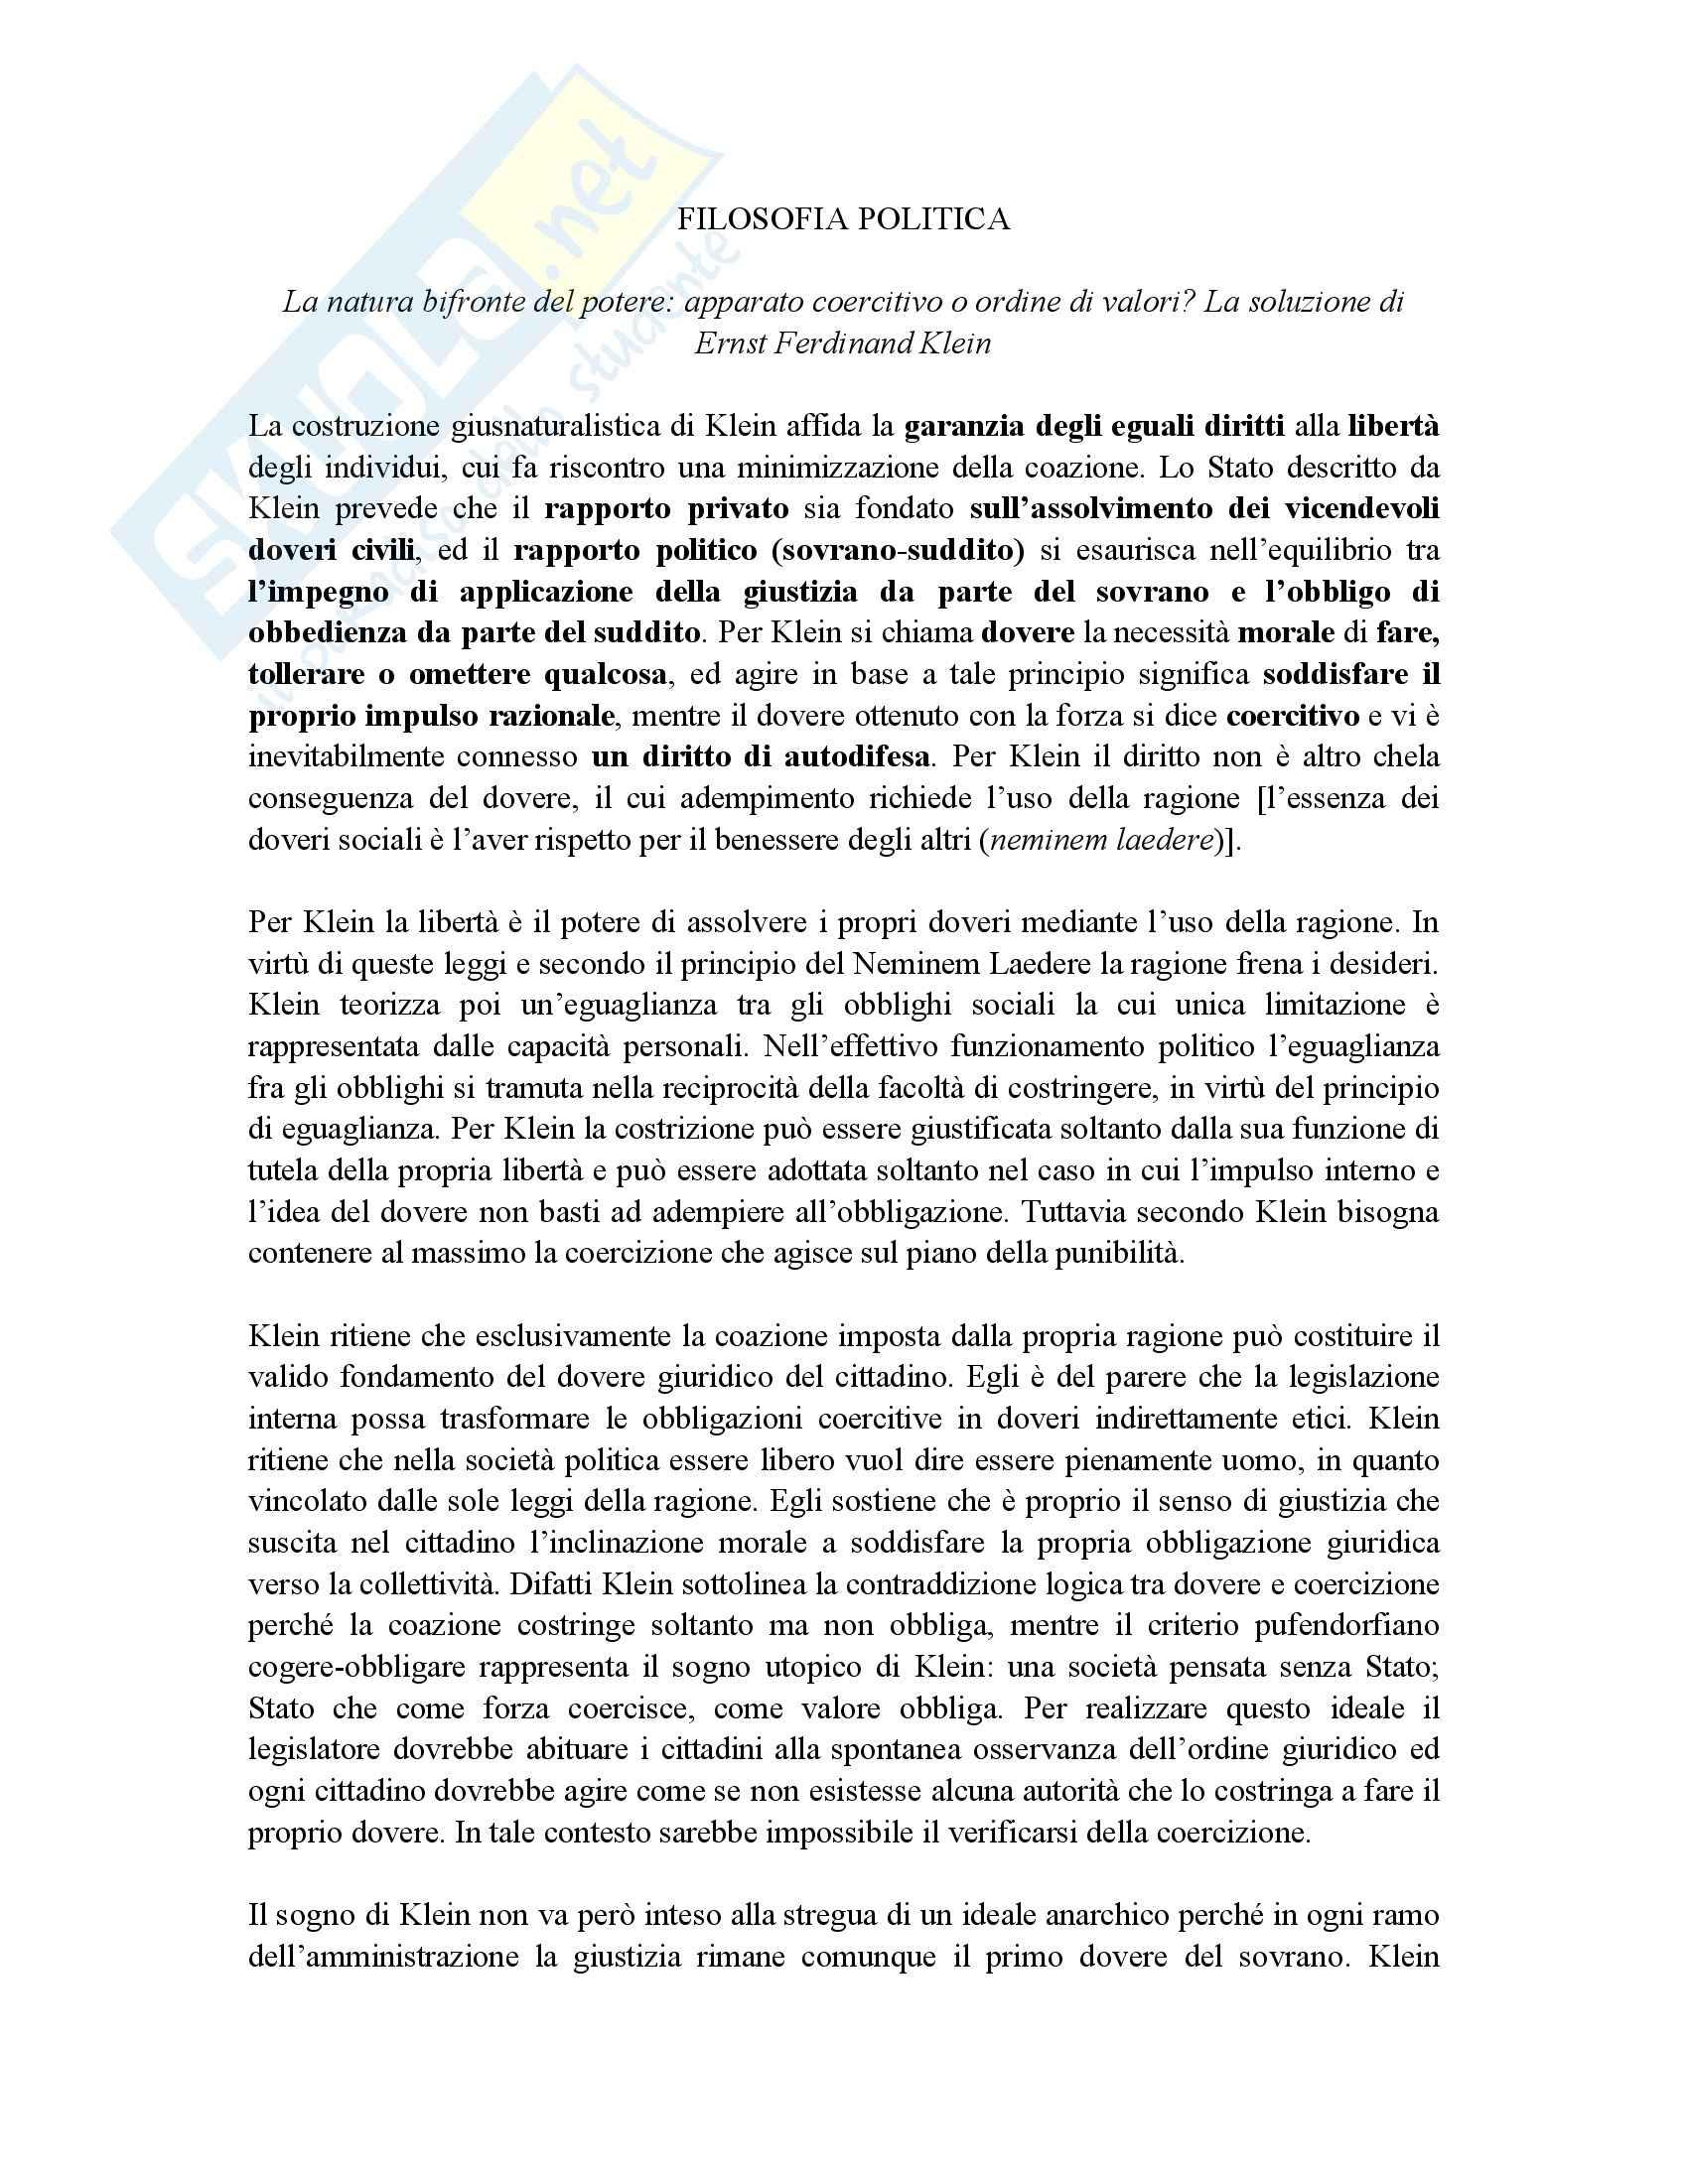 Pufendorf e autolimitazione razionale - Filosofia politica